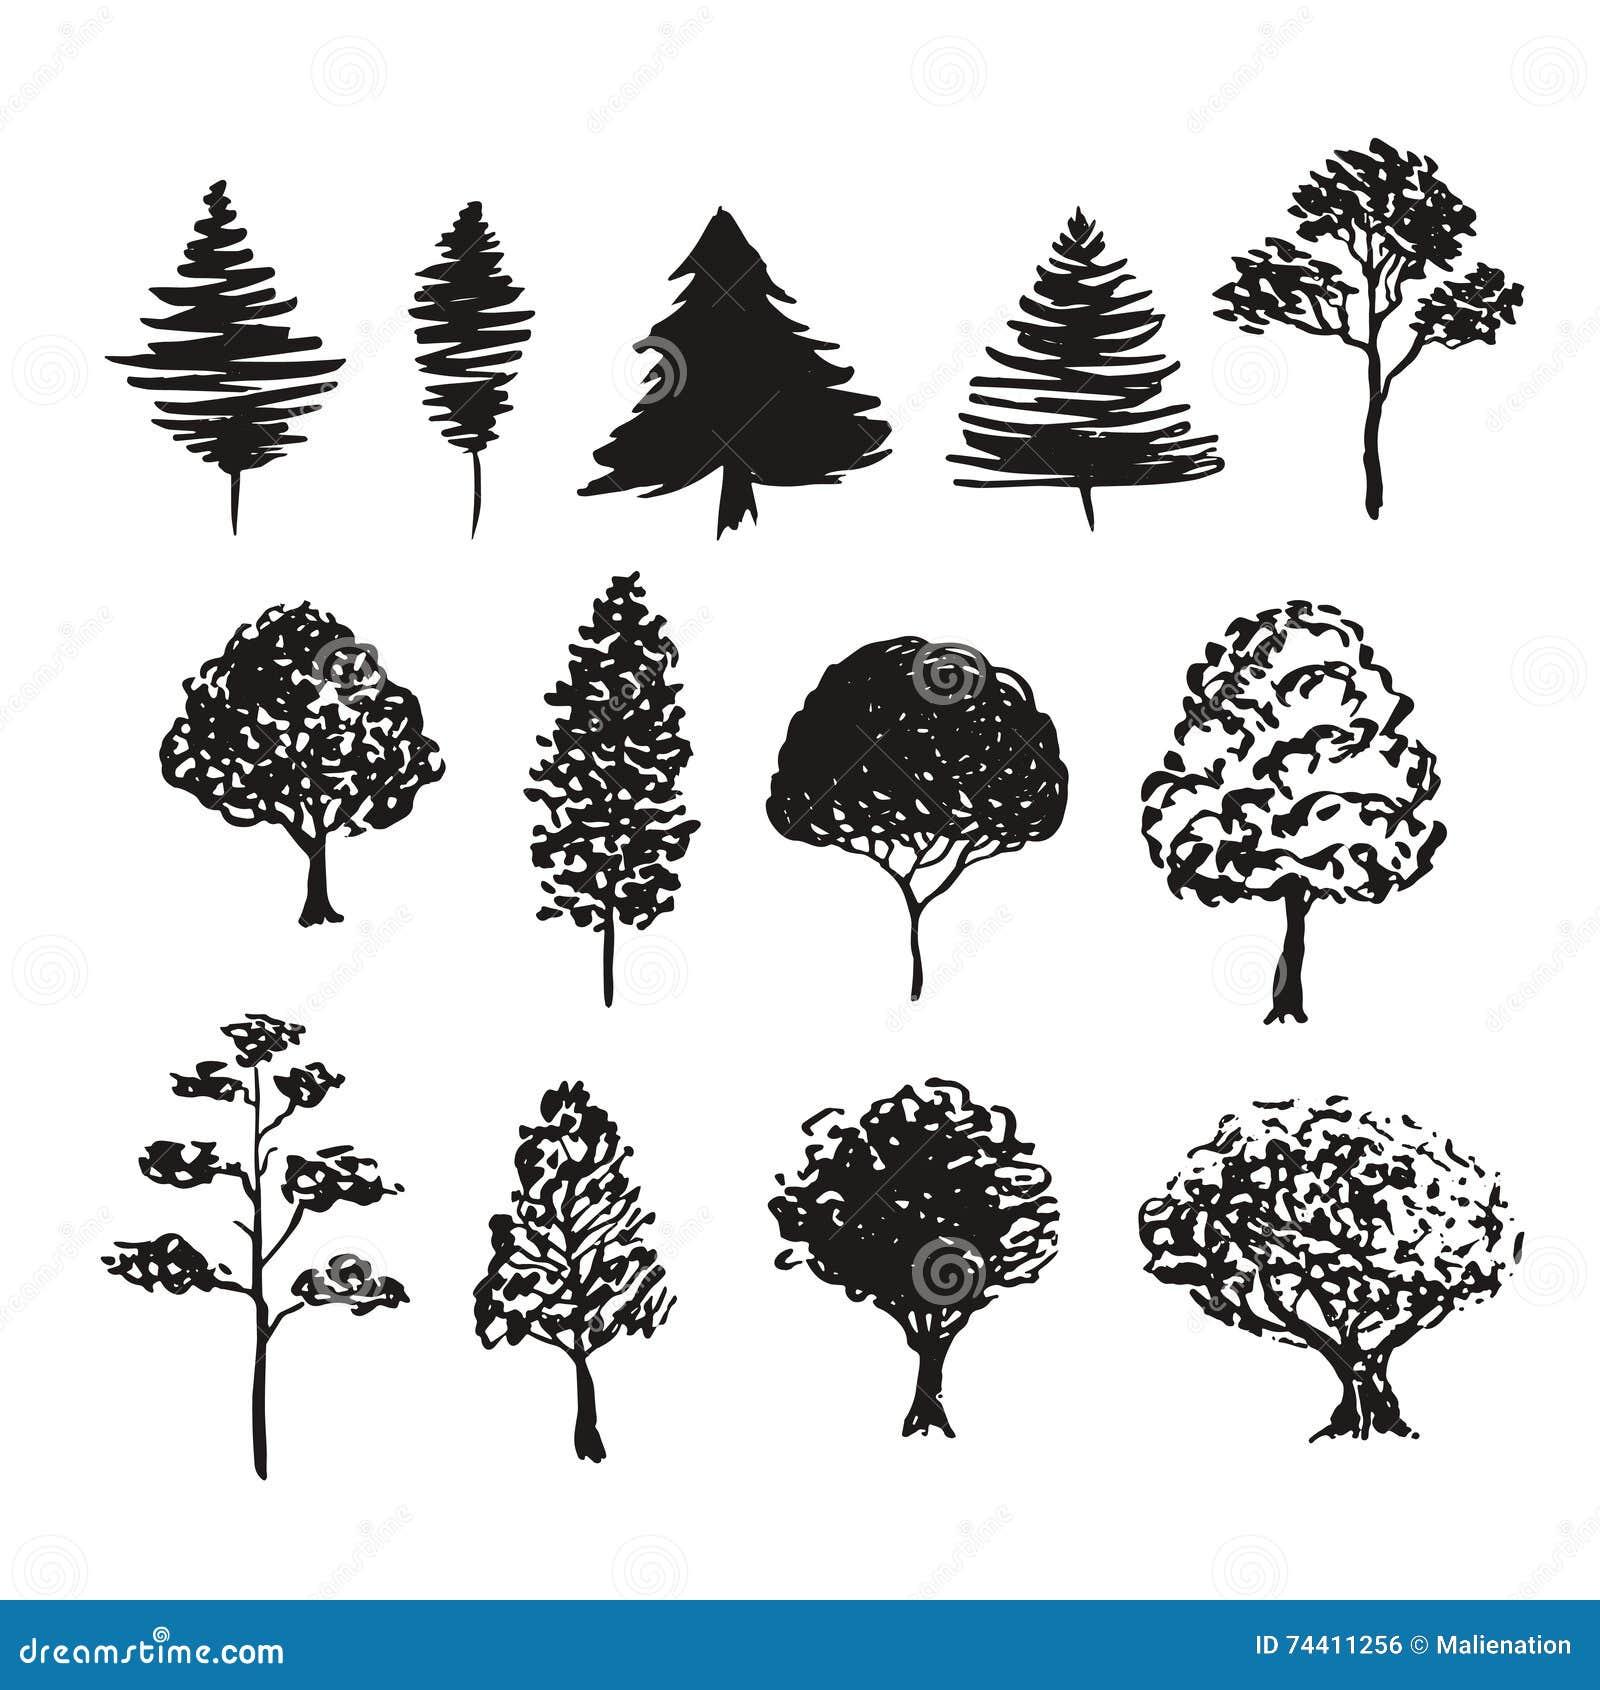 нарисованные деревья картинки